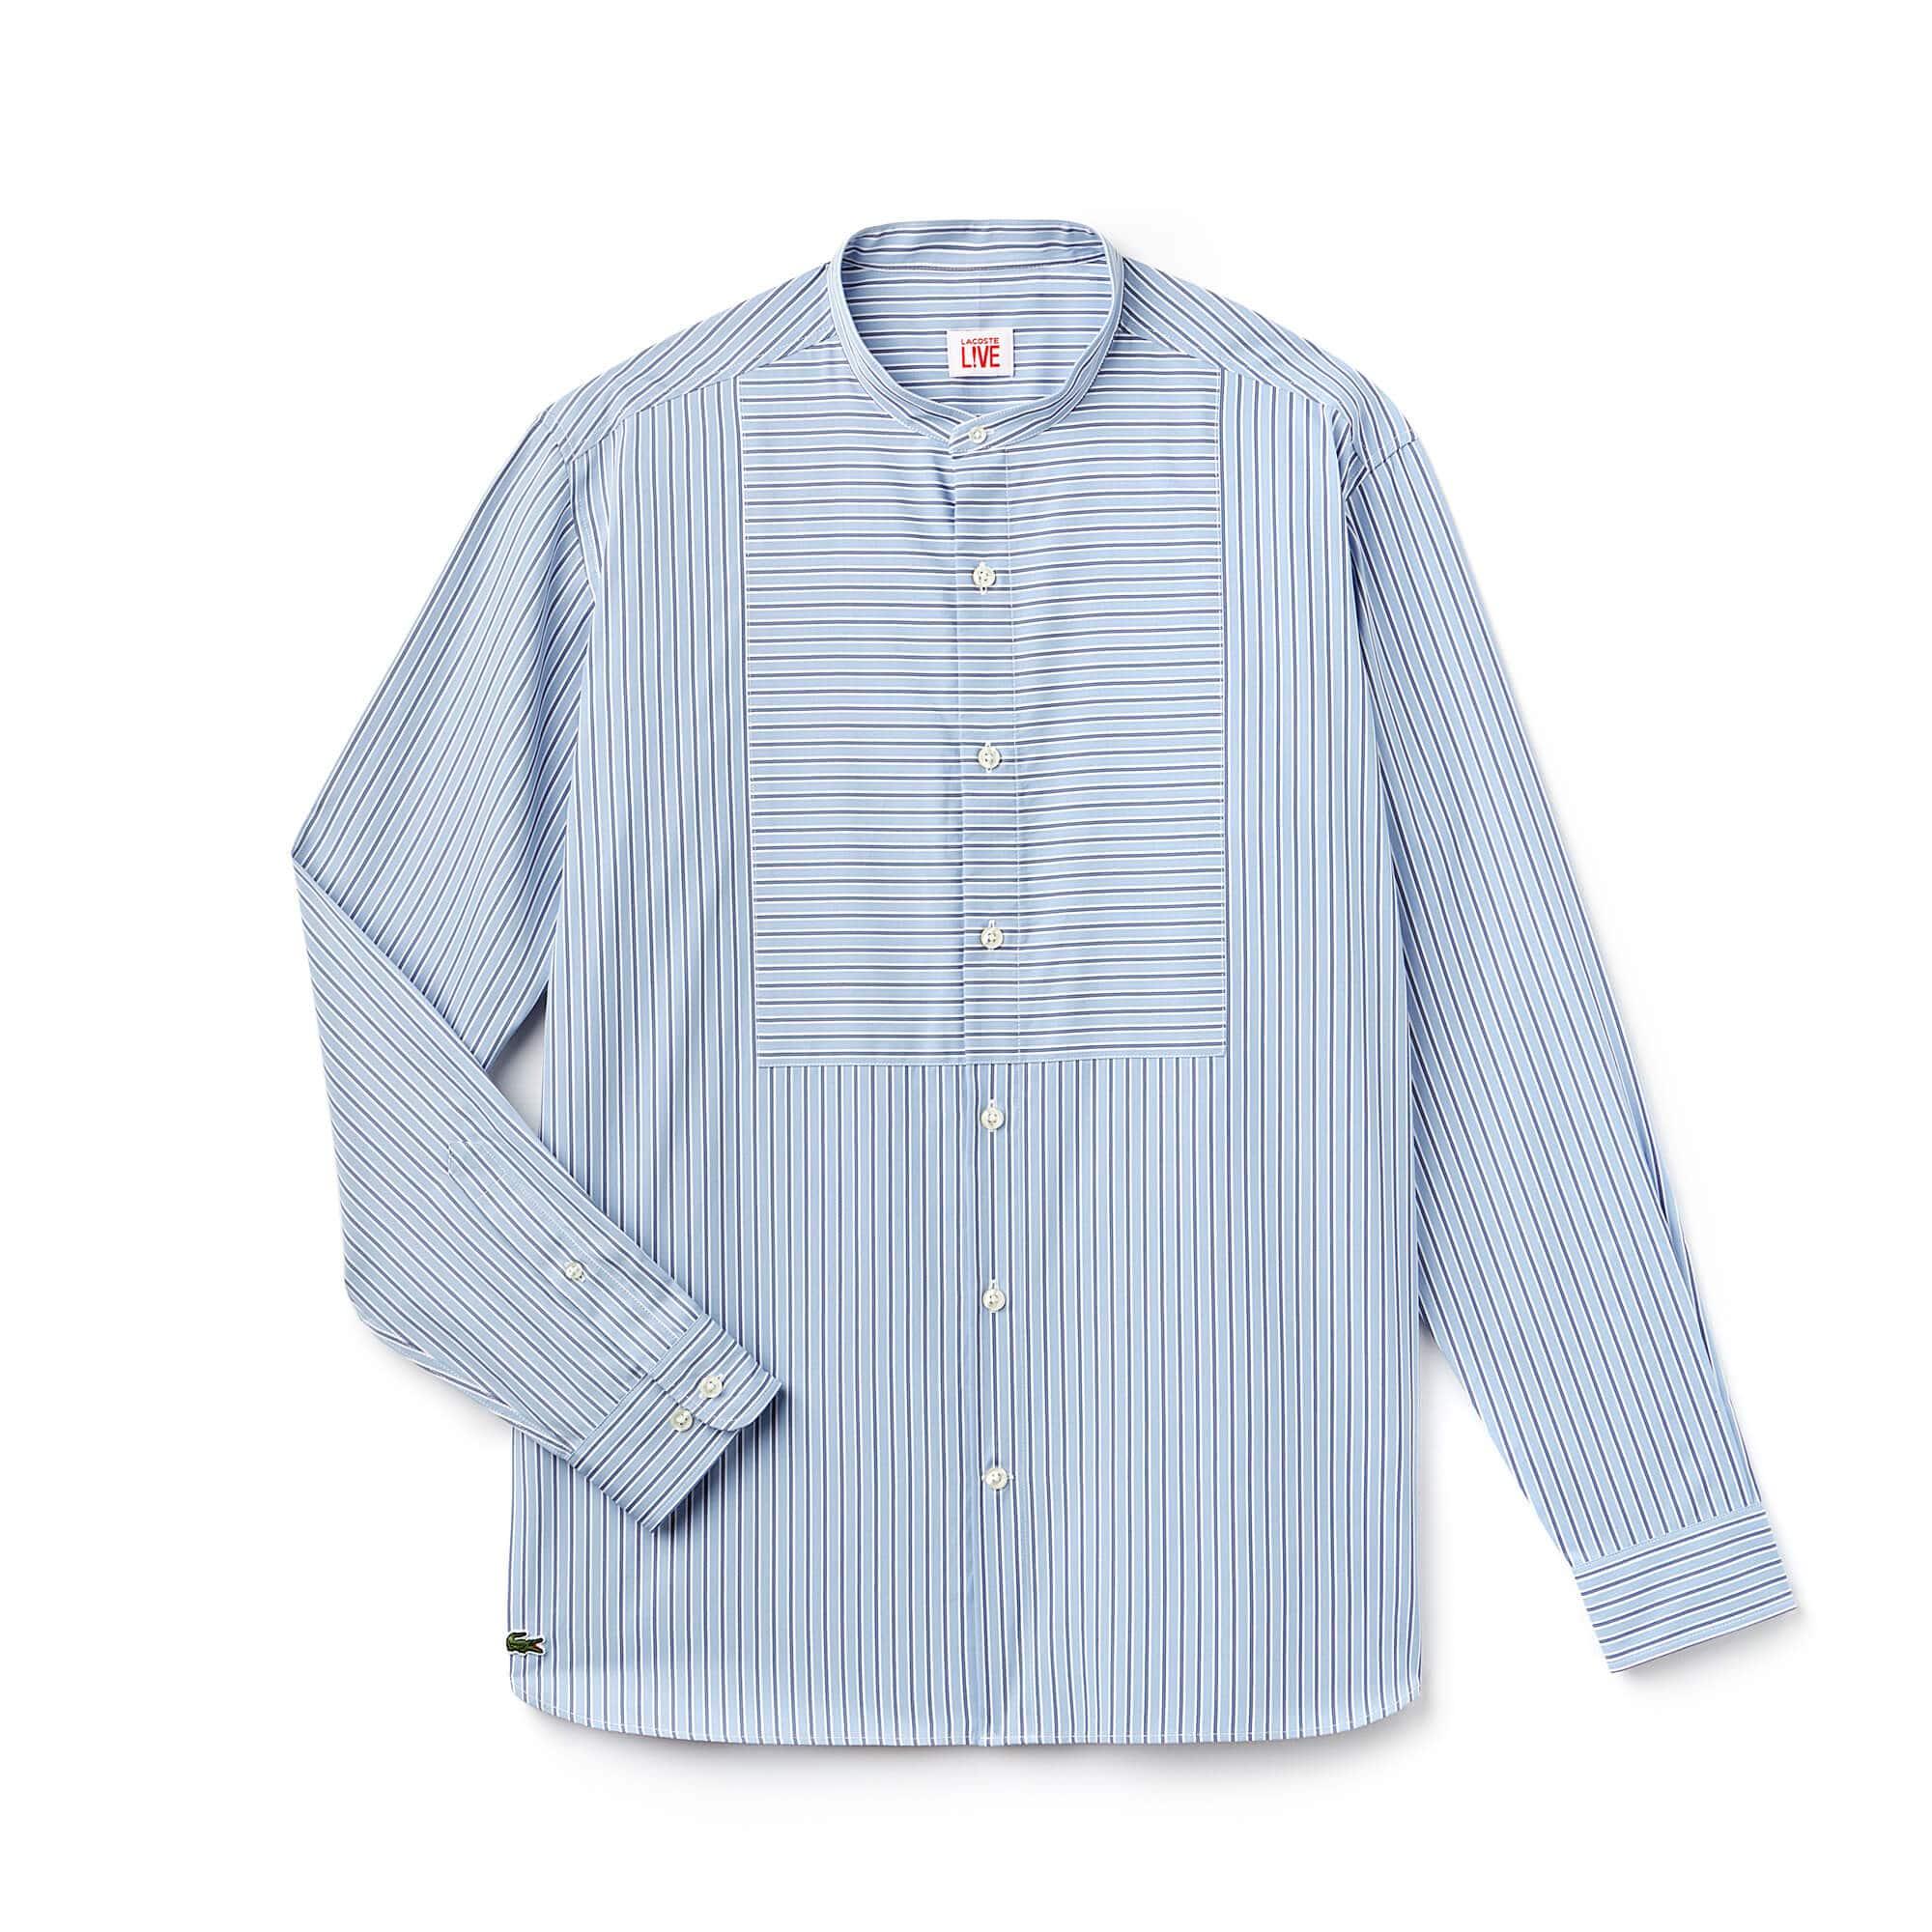 Boxy Fit Herren-Hemd aus gestreifter Popeline LACOSTE L!VE